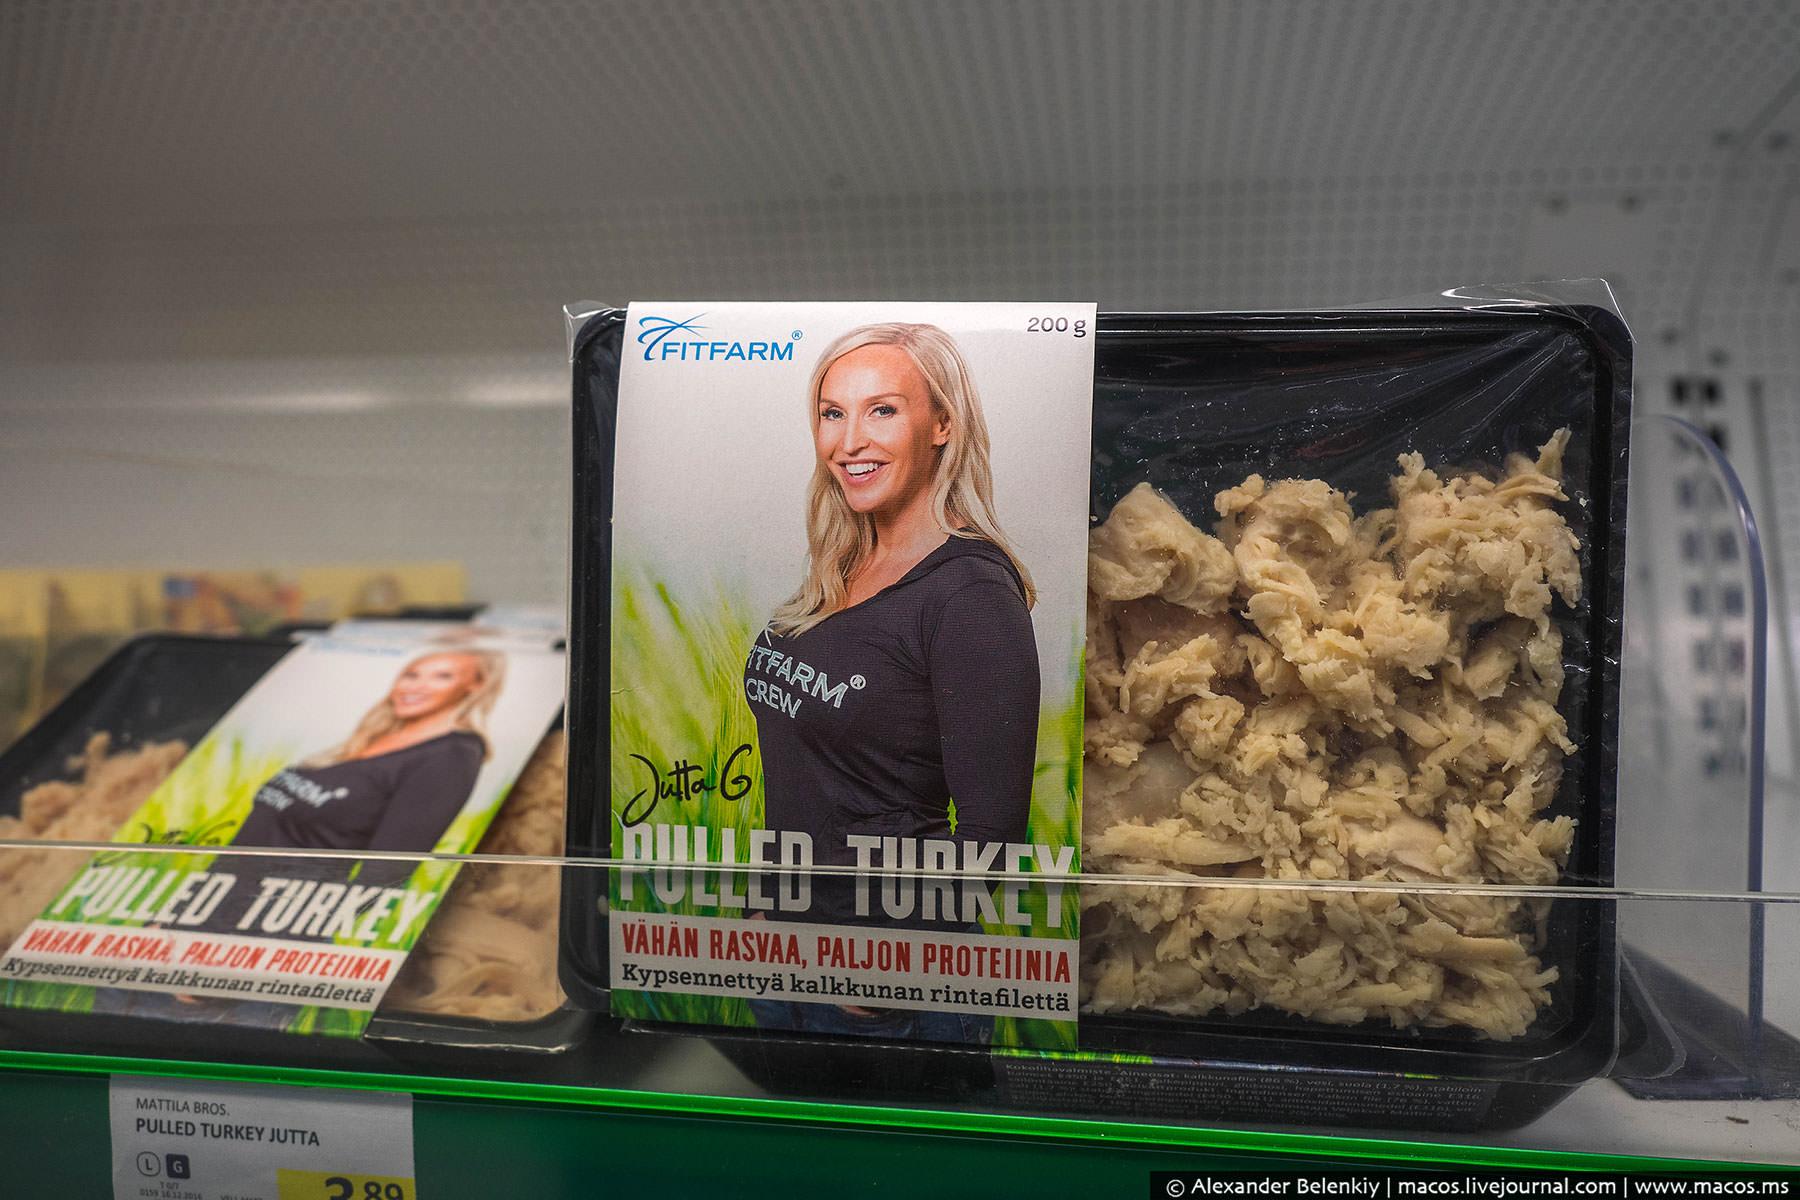 Особенно изображение Александра Реввы в виде блондинки на упаковке с индейкой…